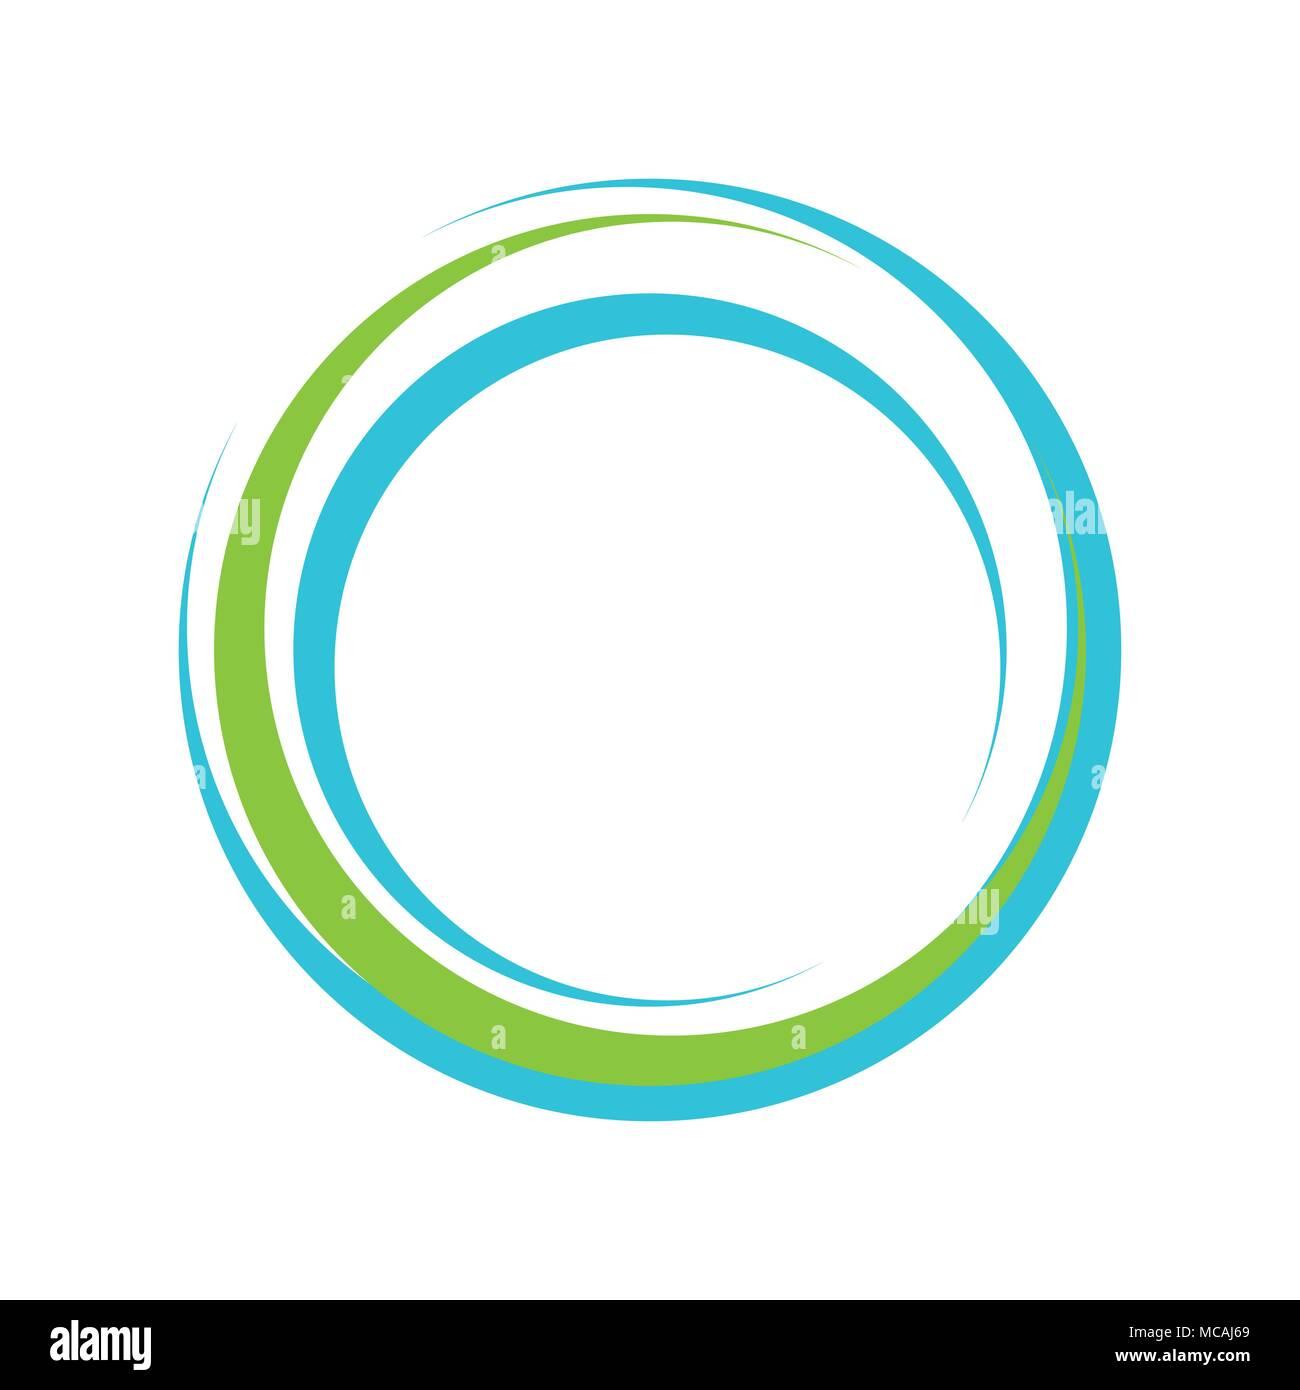 Resumen Objetivo vibrante Círculo Símbolo gráfico vectorial Diseño ...